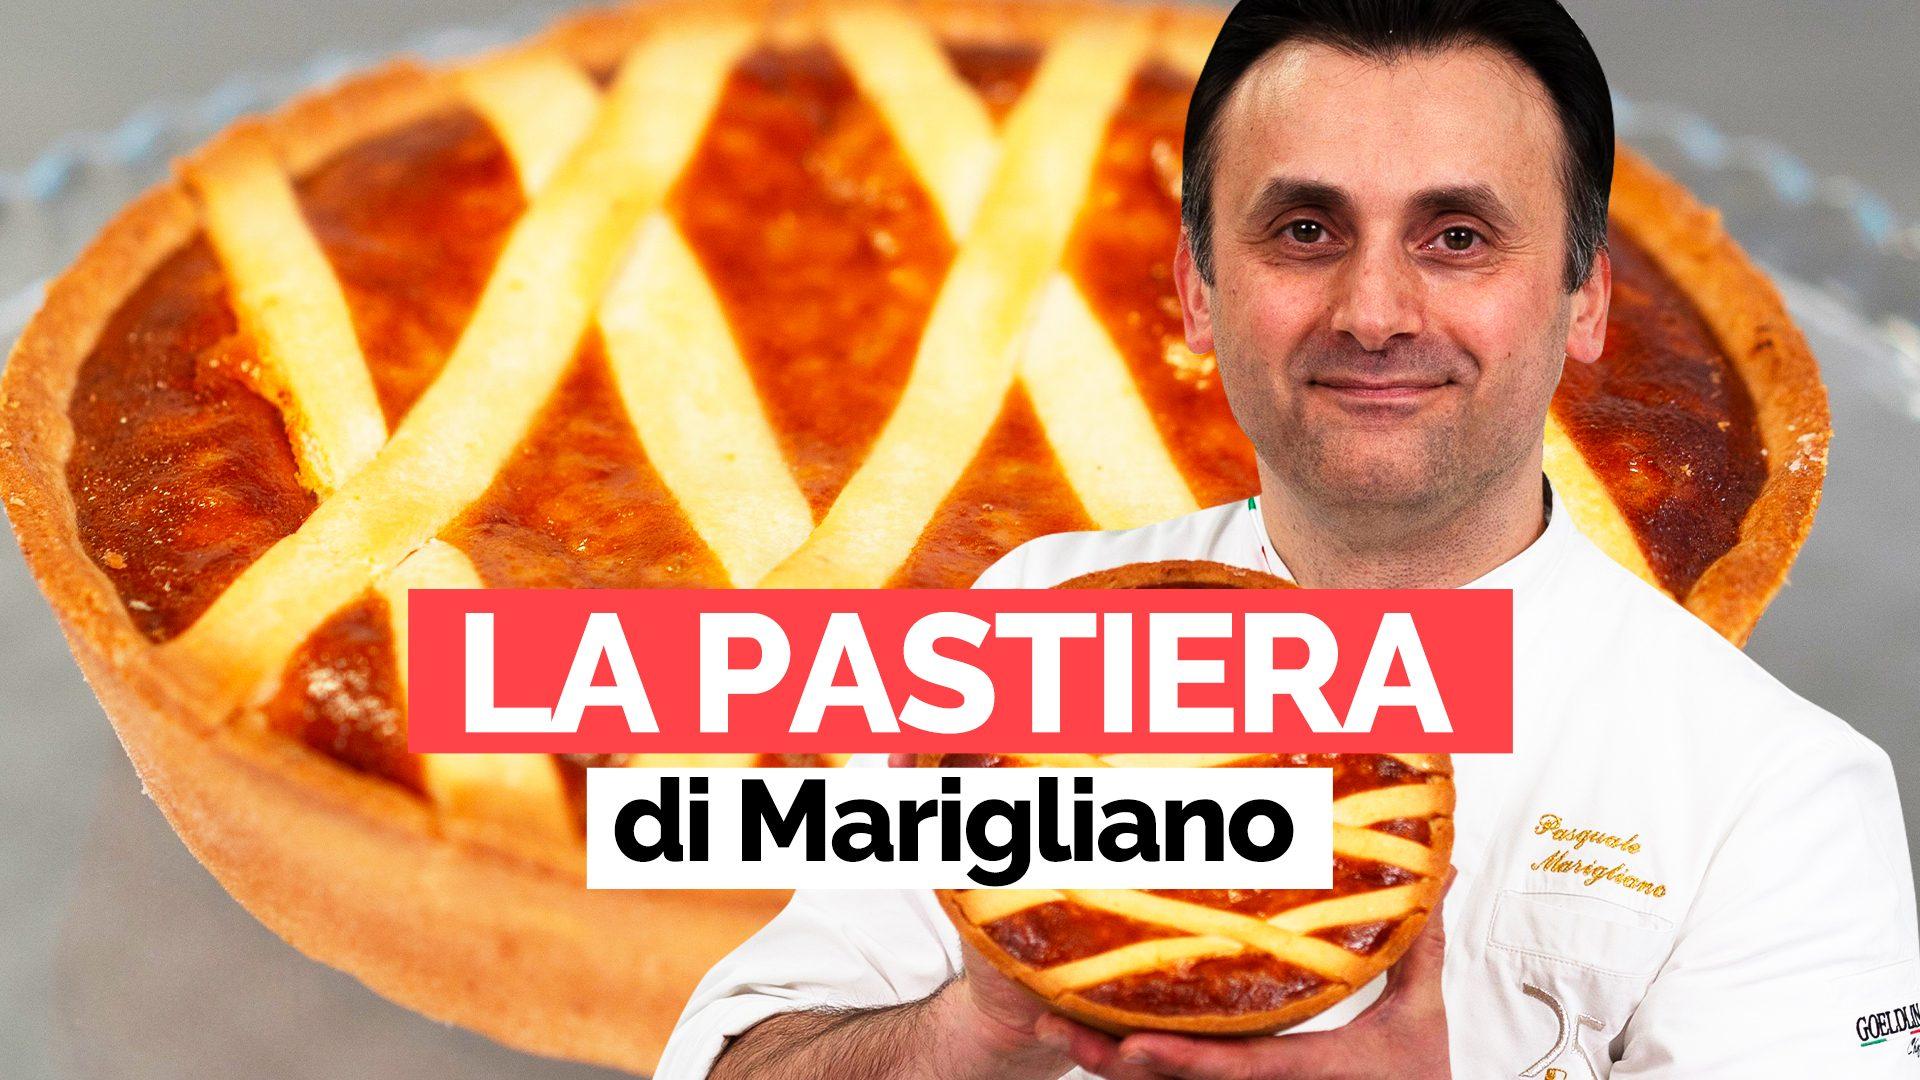 La pastiera napoletana tradizionale: la video ricetta di Pasquale Marigliano